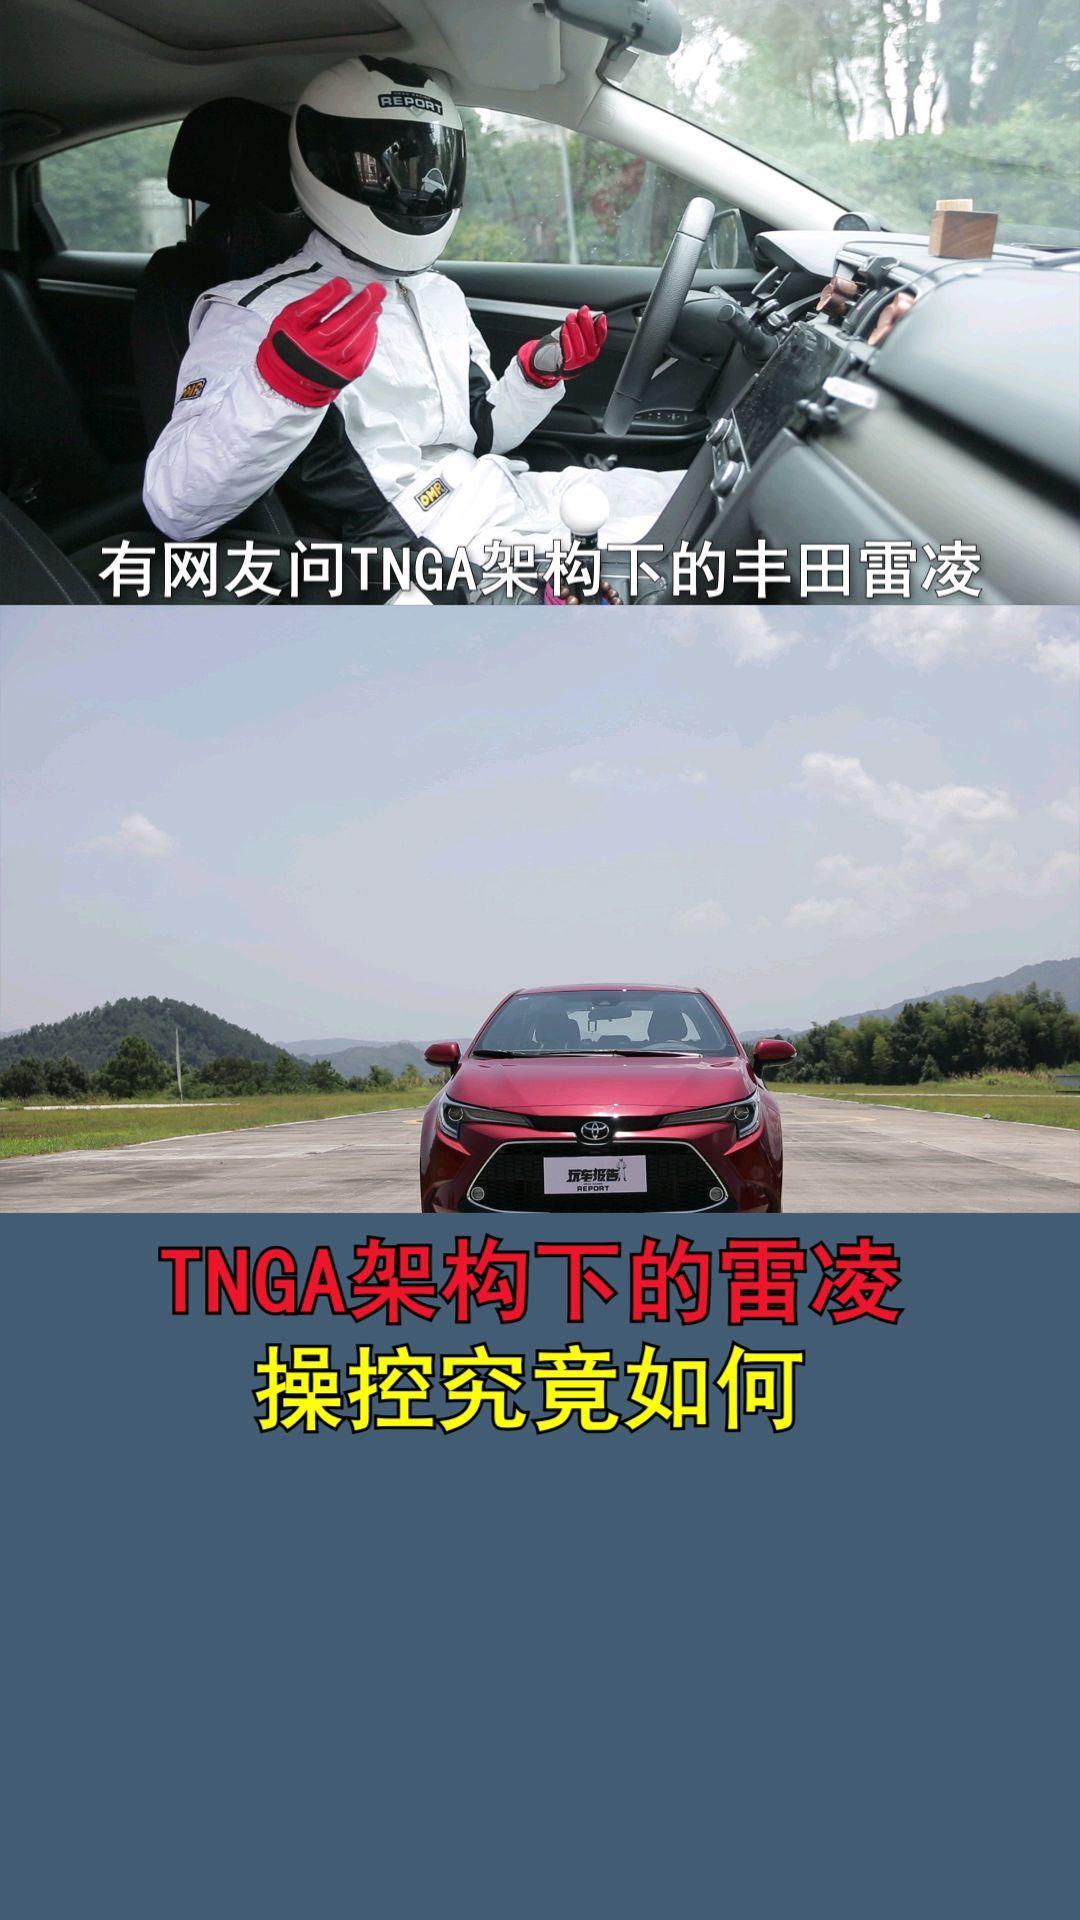 TNGA架构下的雷凌,操控性究竟如何?